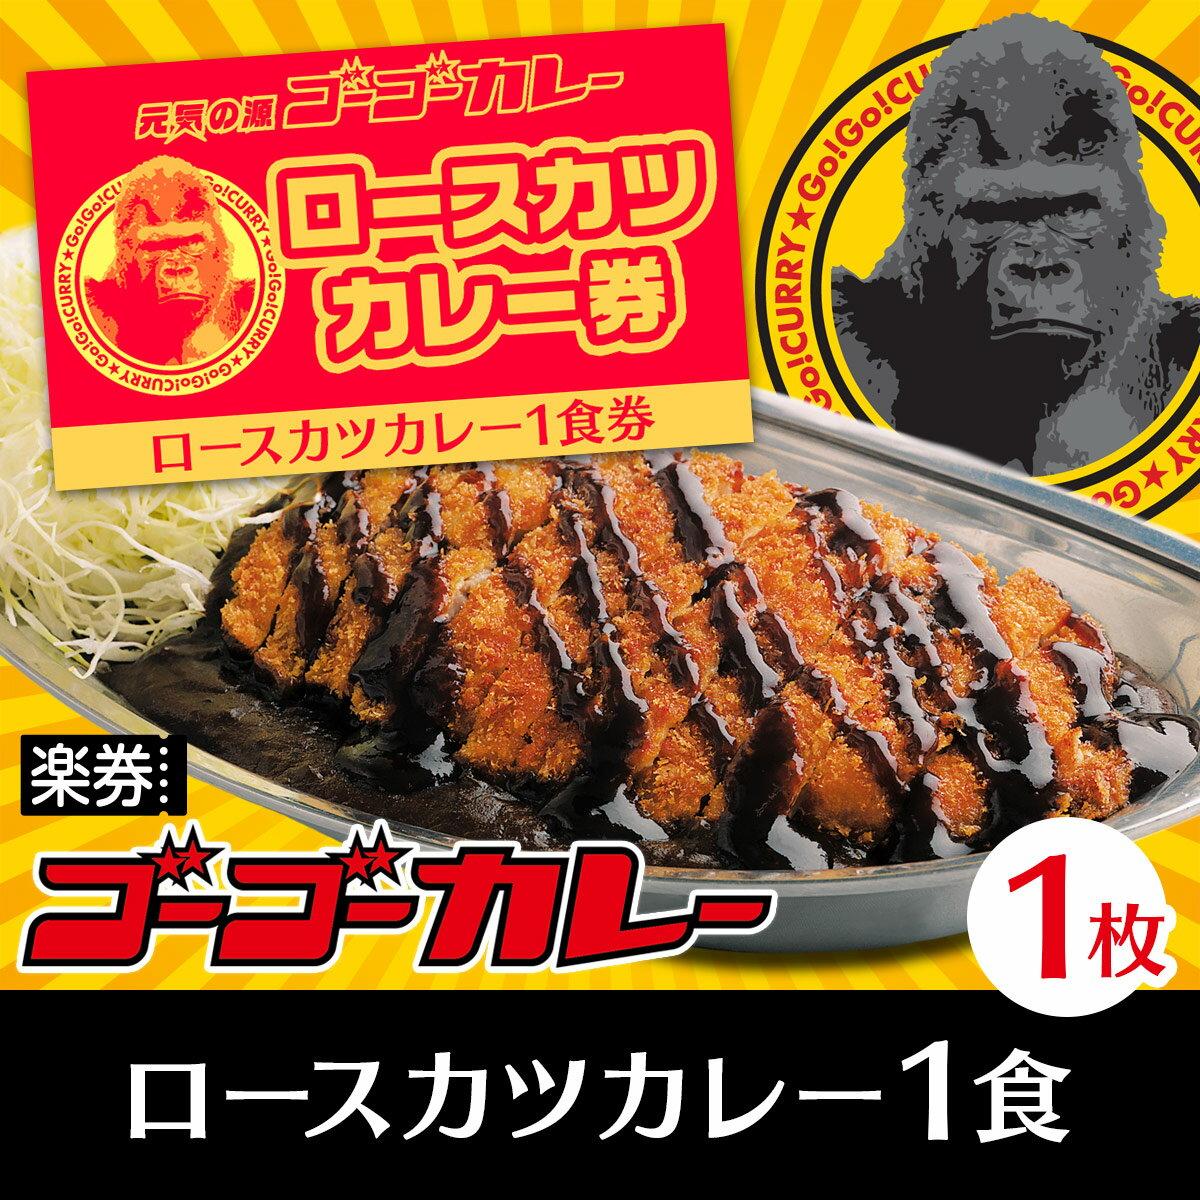 【楽券】 ゴーゴーカレー ロースカツカレー(エコ...の商品画像